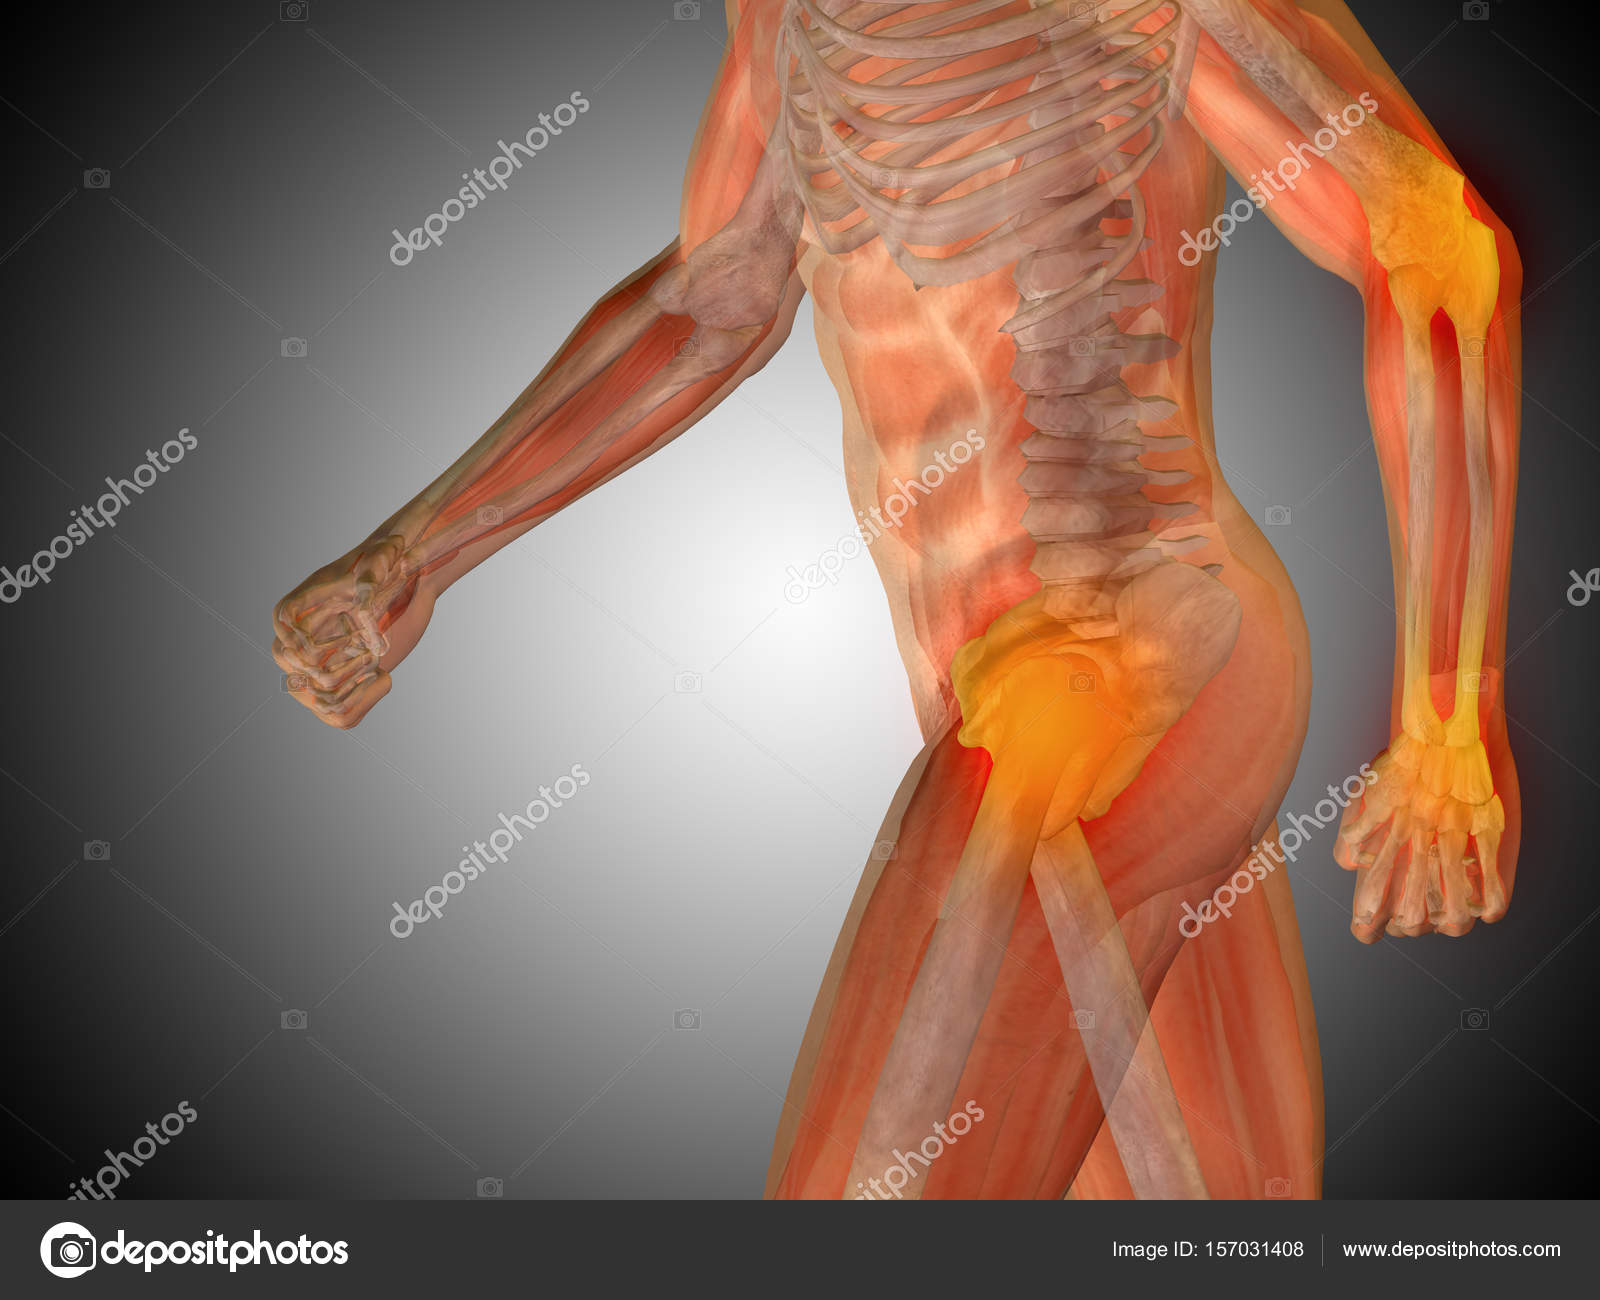 Gestaltung der menschlichen Anatomie — Stockfoto © design36 #157031408